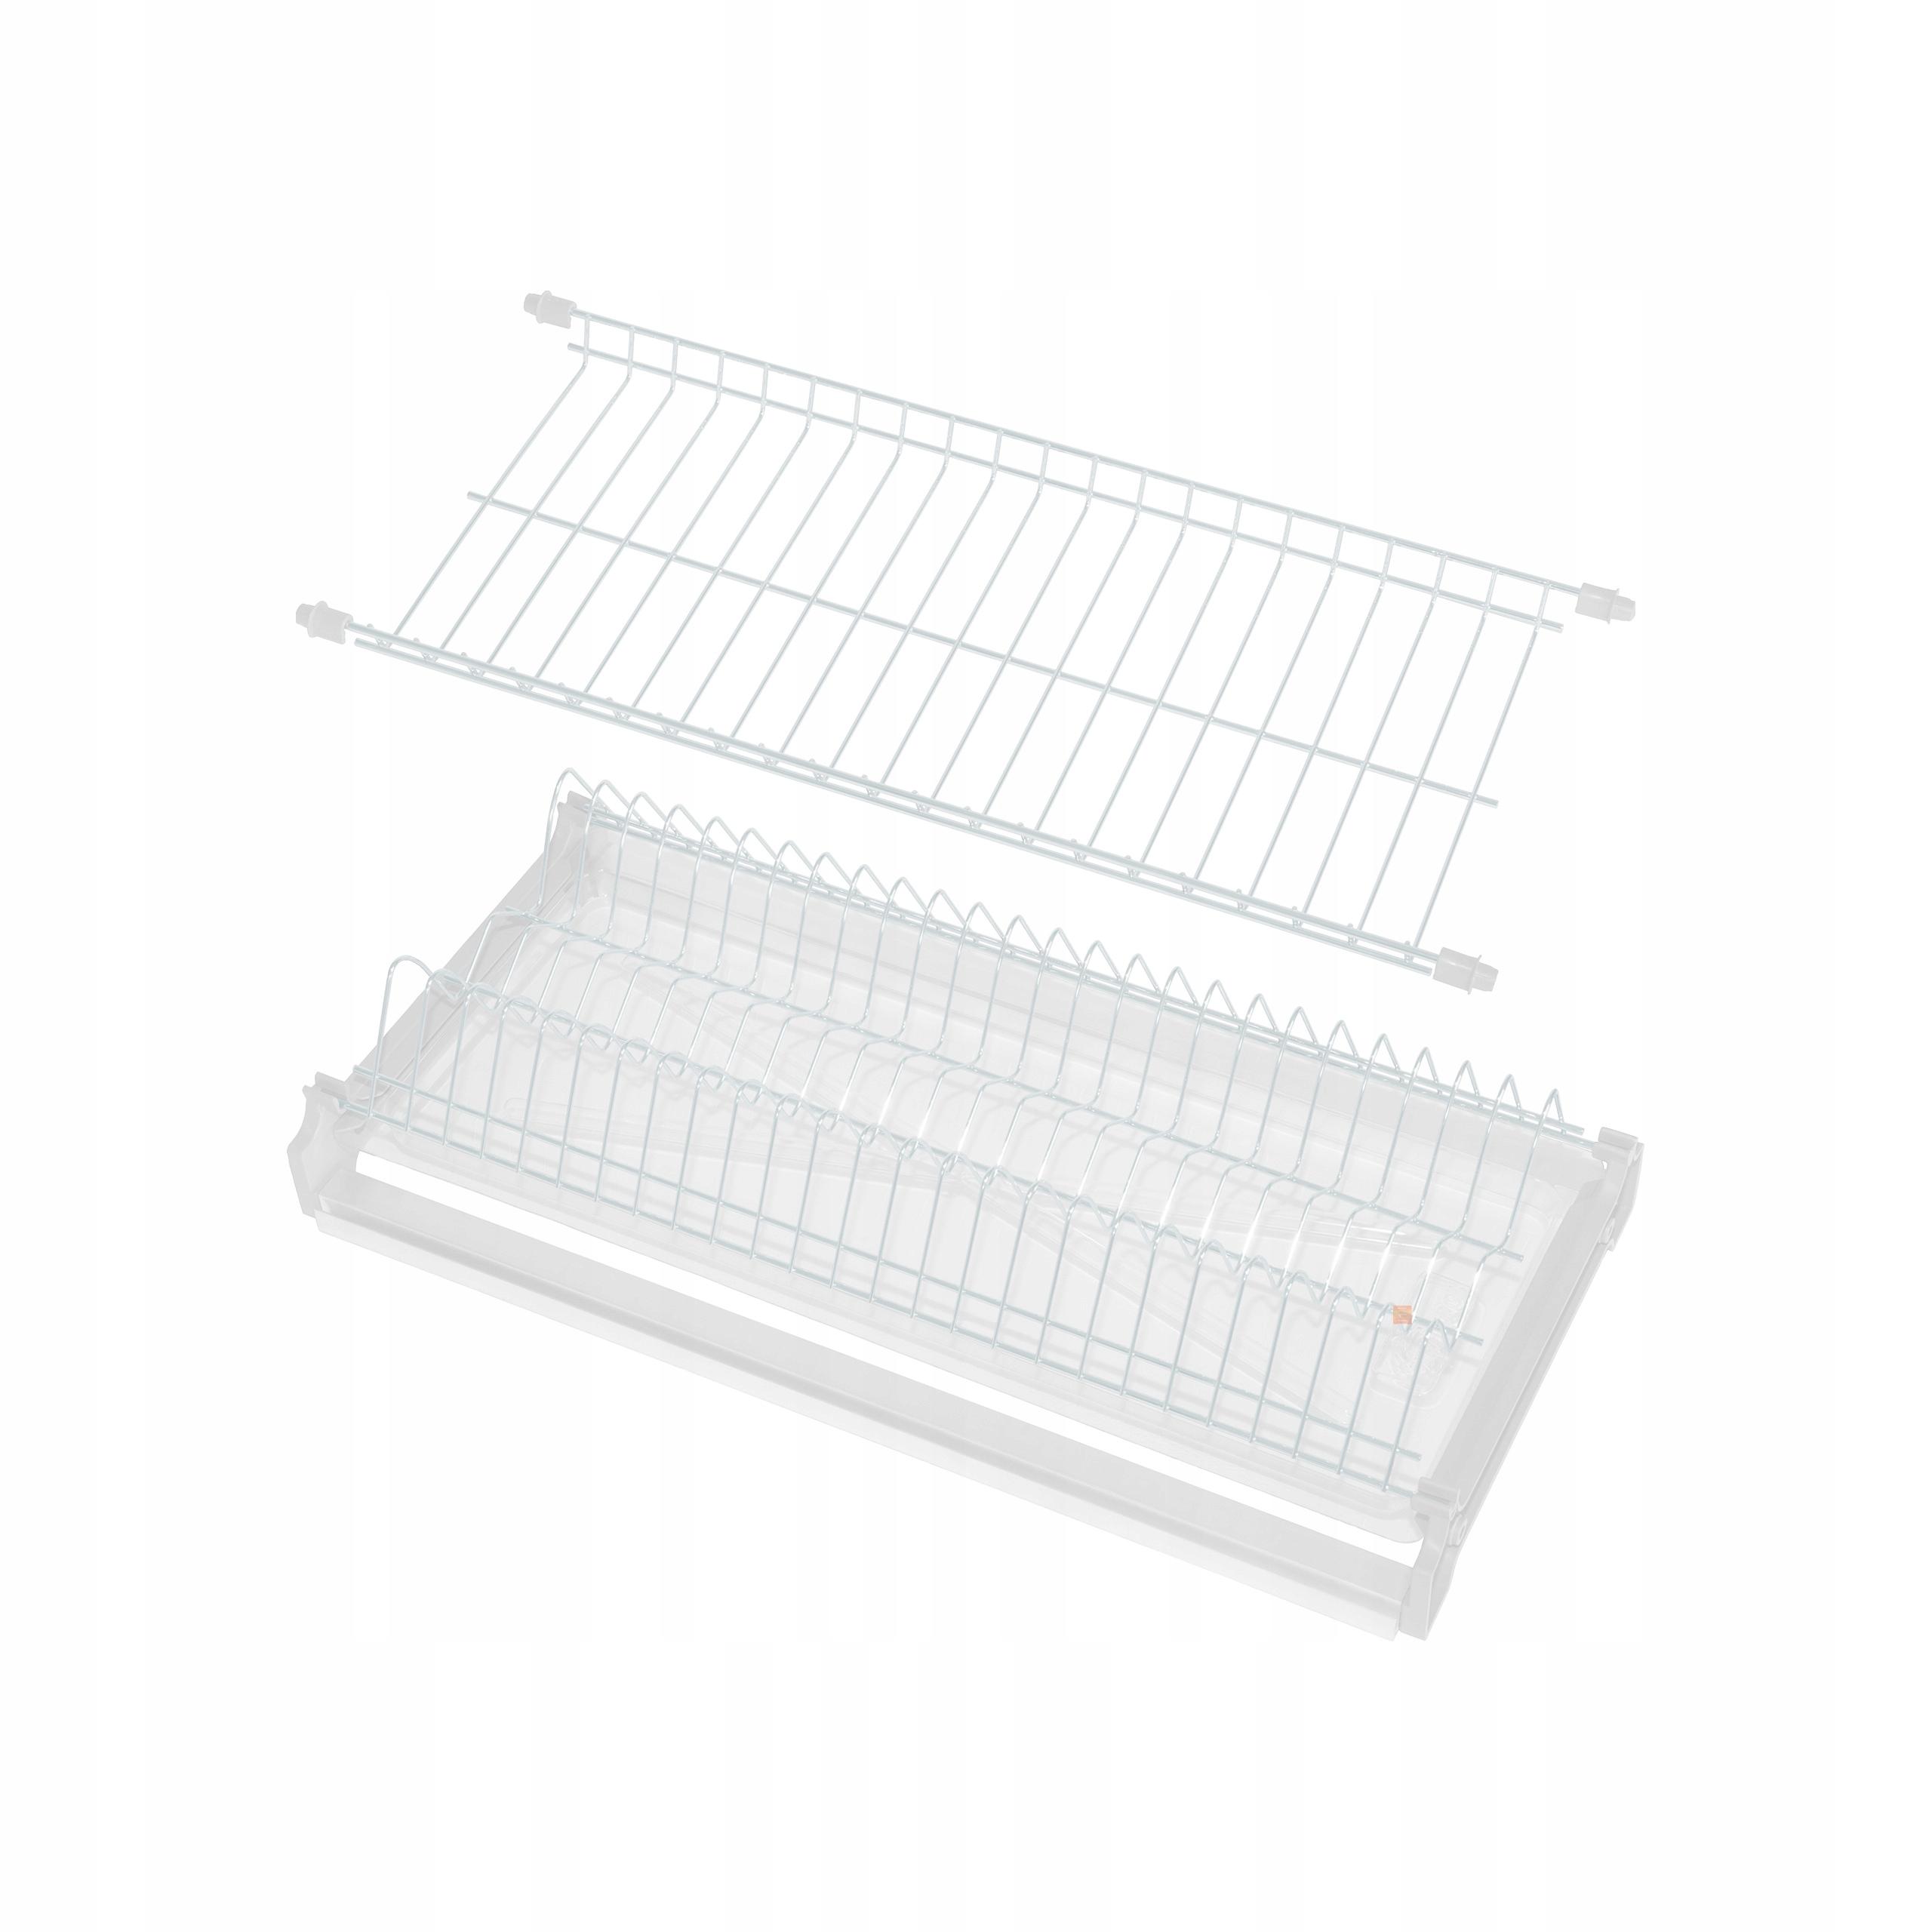 Кабинет мытья посуды 60см белый - ВЕДОМОСТИ